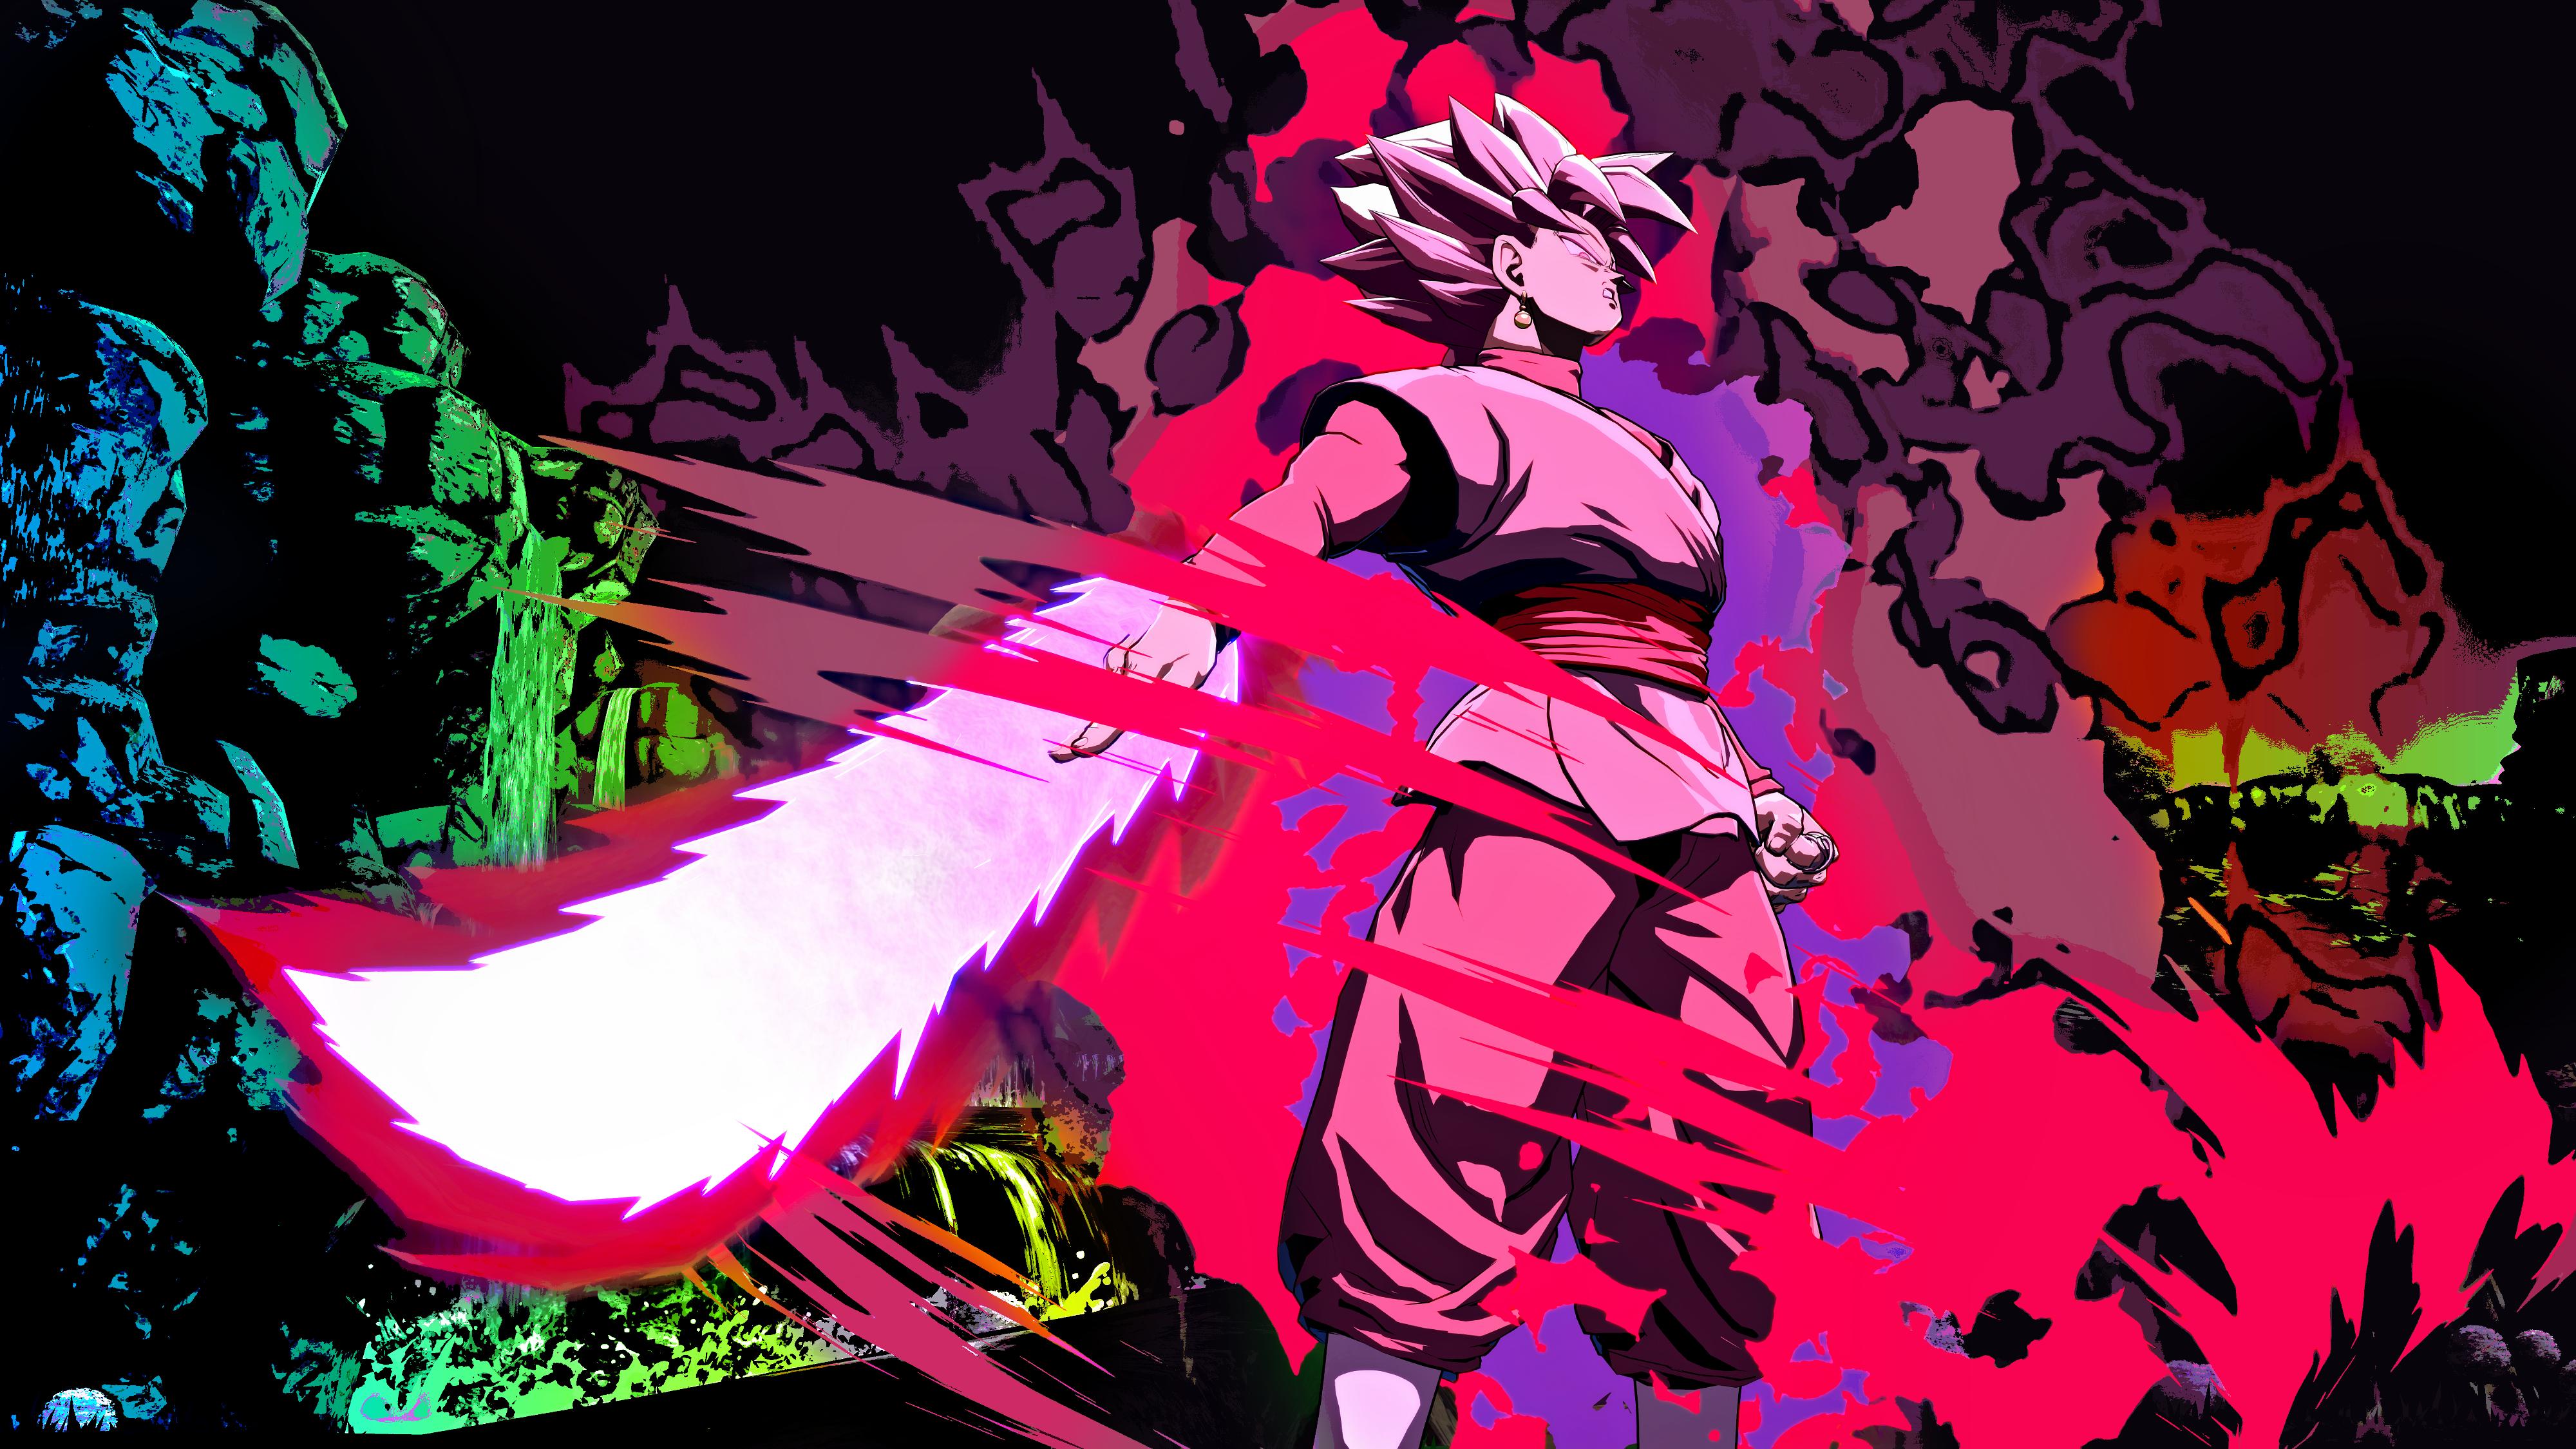 Goku Black 4K Wallpaper dragonballfighterz